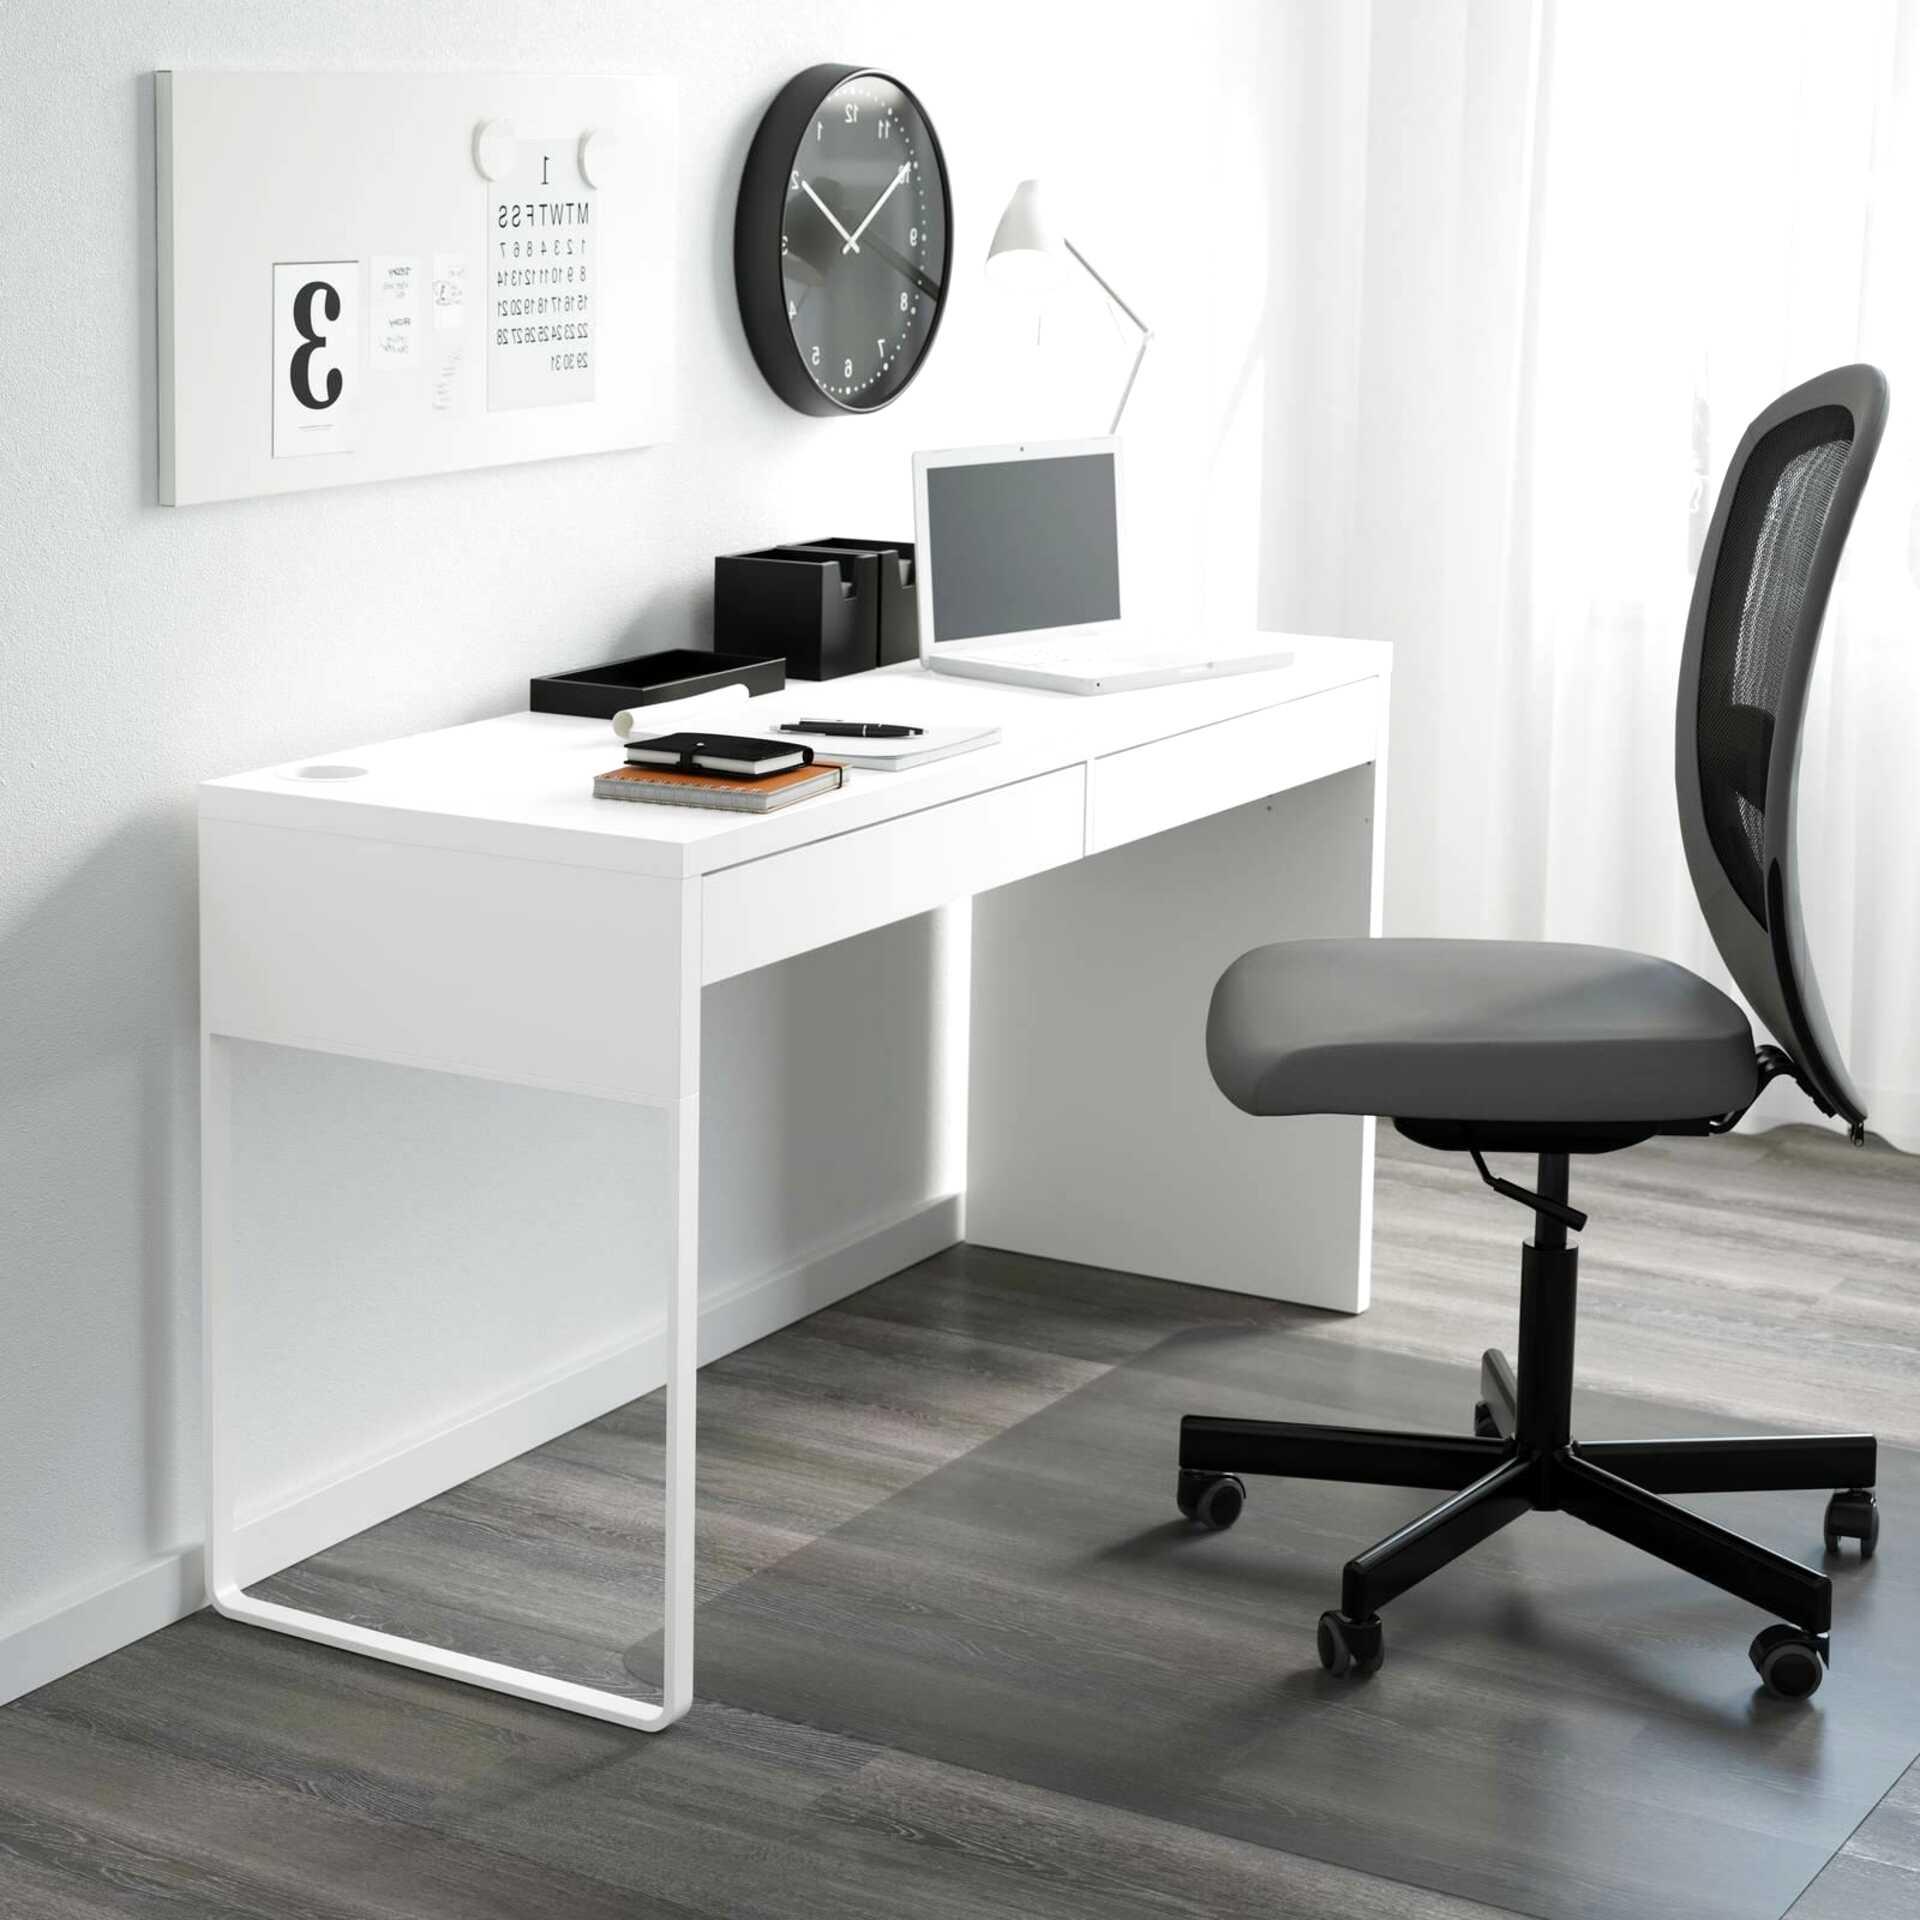 Scrivania Con Cassettiera Ikea ikea micke - scrivania, dimensioni: 73 x 50 cm, co